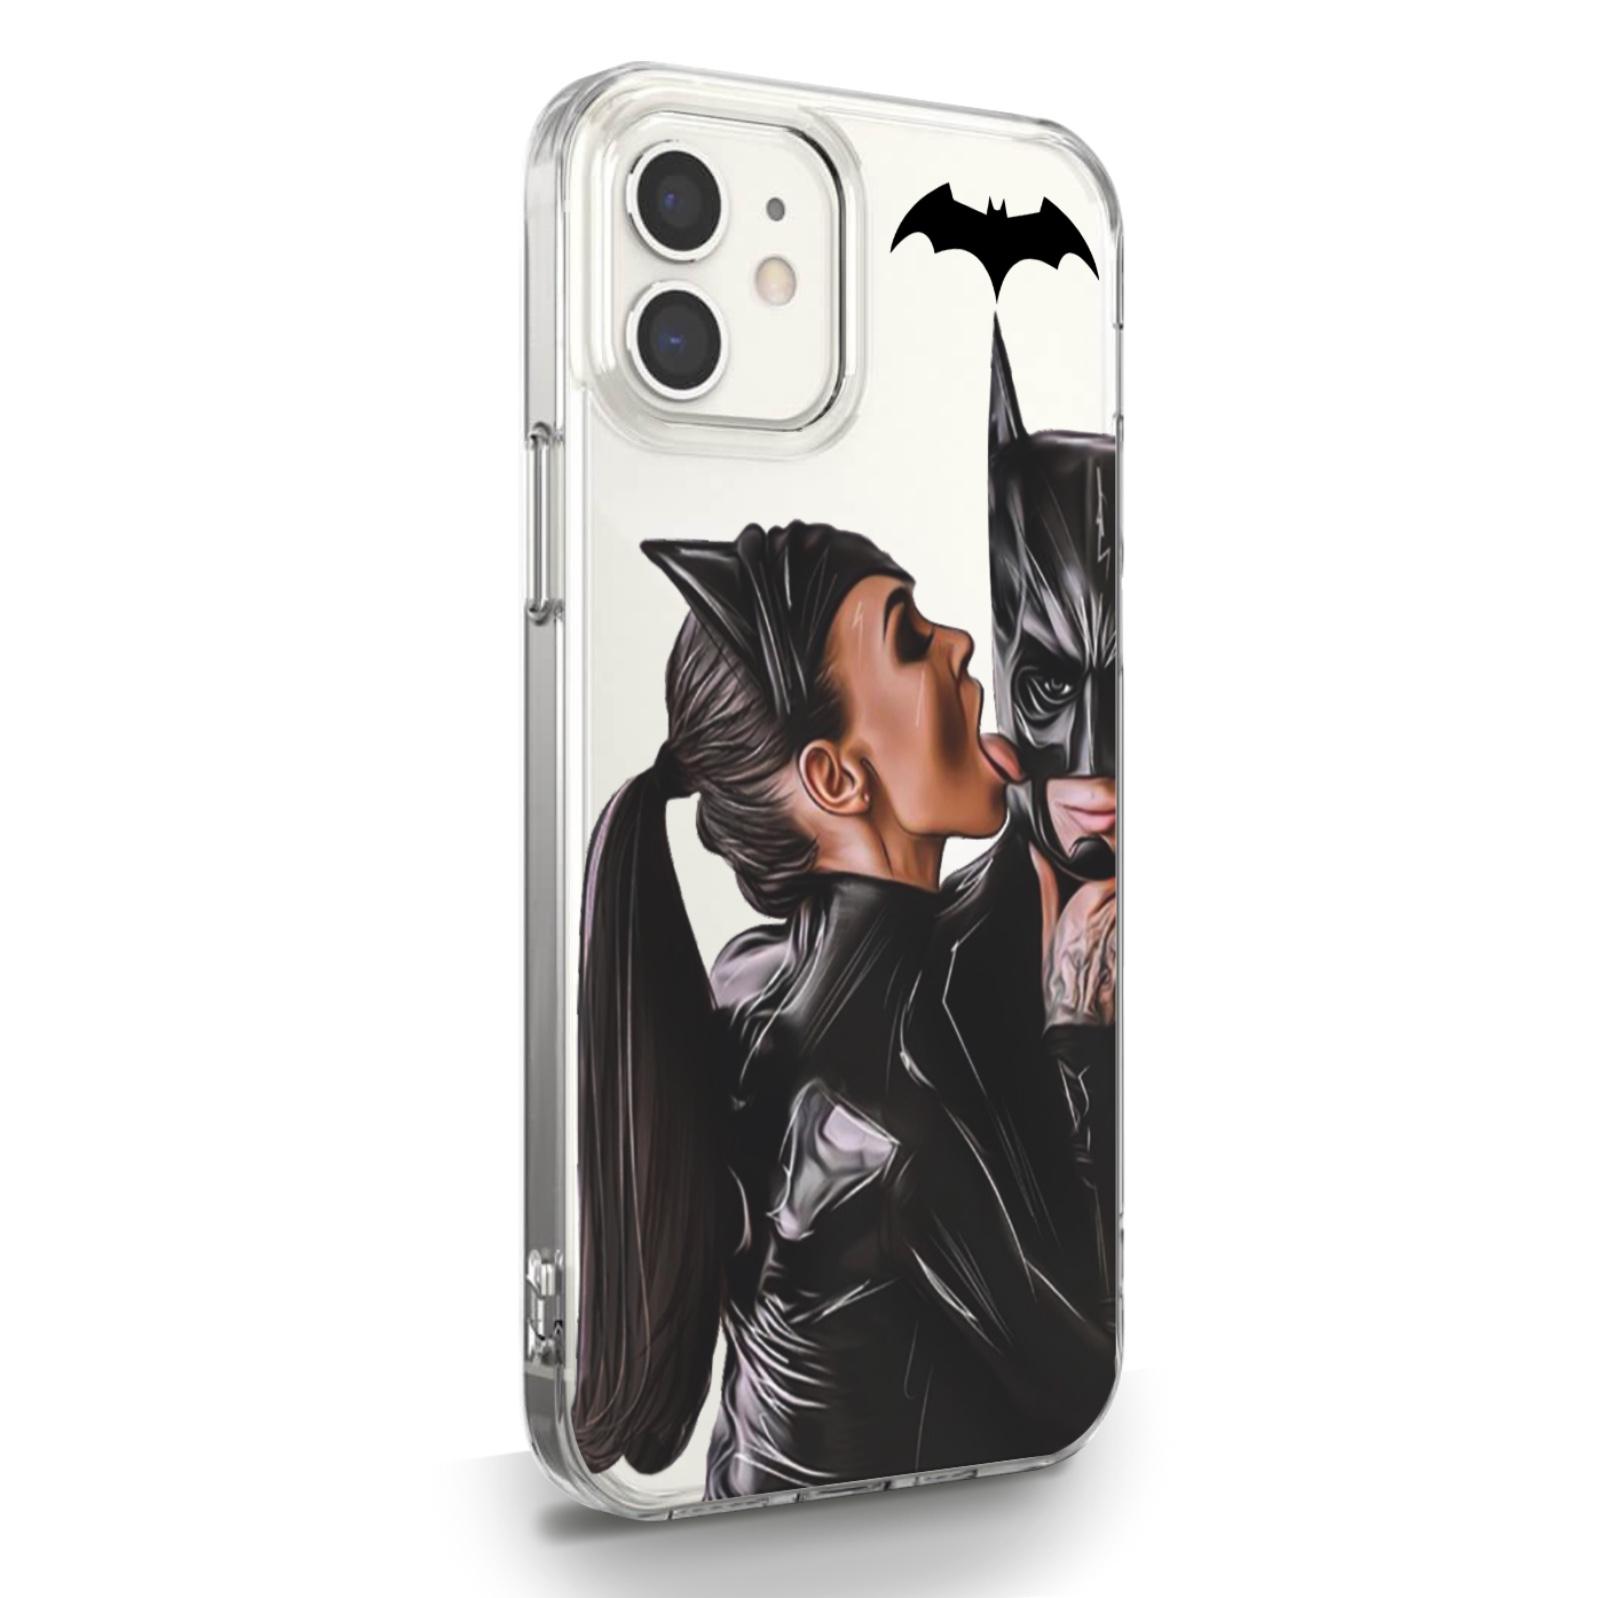 Прозрачный силиконовый чехол для iPhone 12 Mini Cat Woman/ Женщина кошка Брюнетка для Айфон 12 Мини